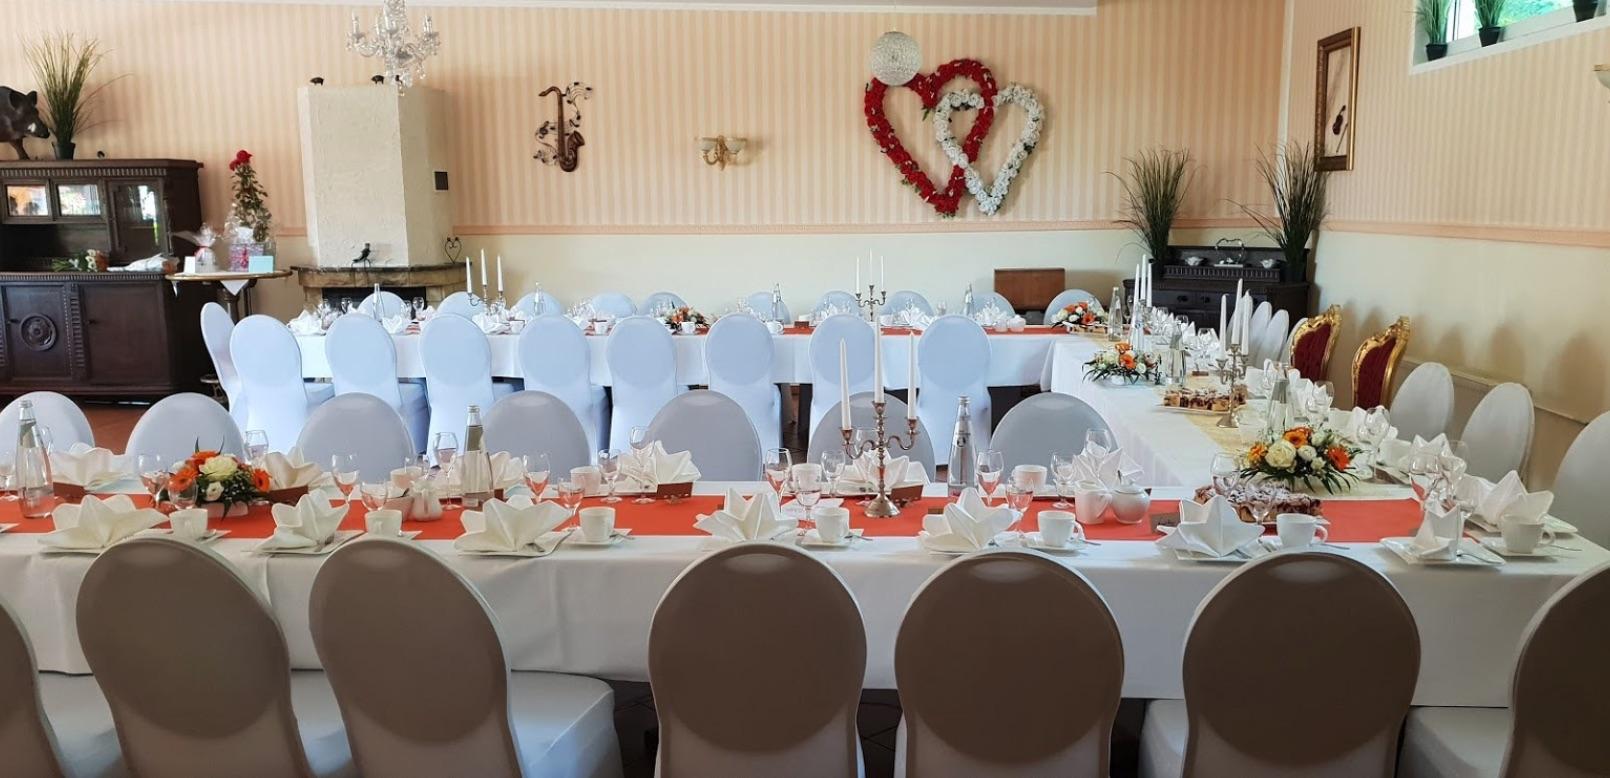 Hochzeitstisch eingedeckt mit weißen Stuhlhussen